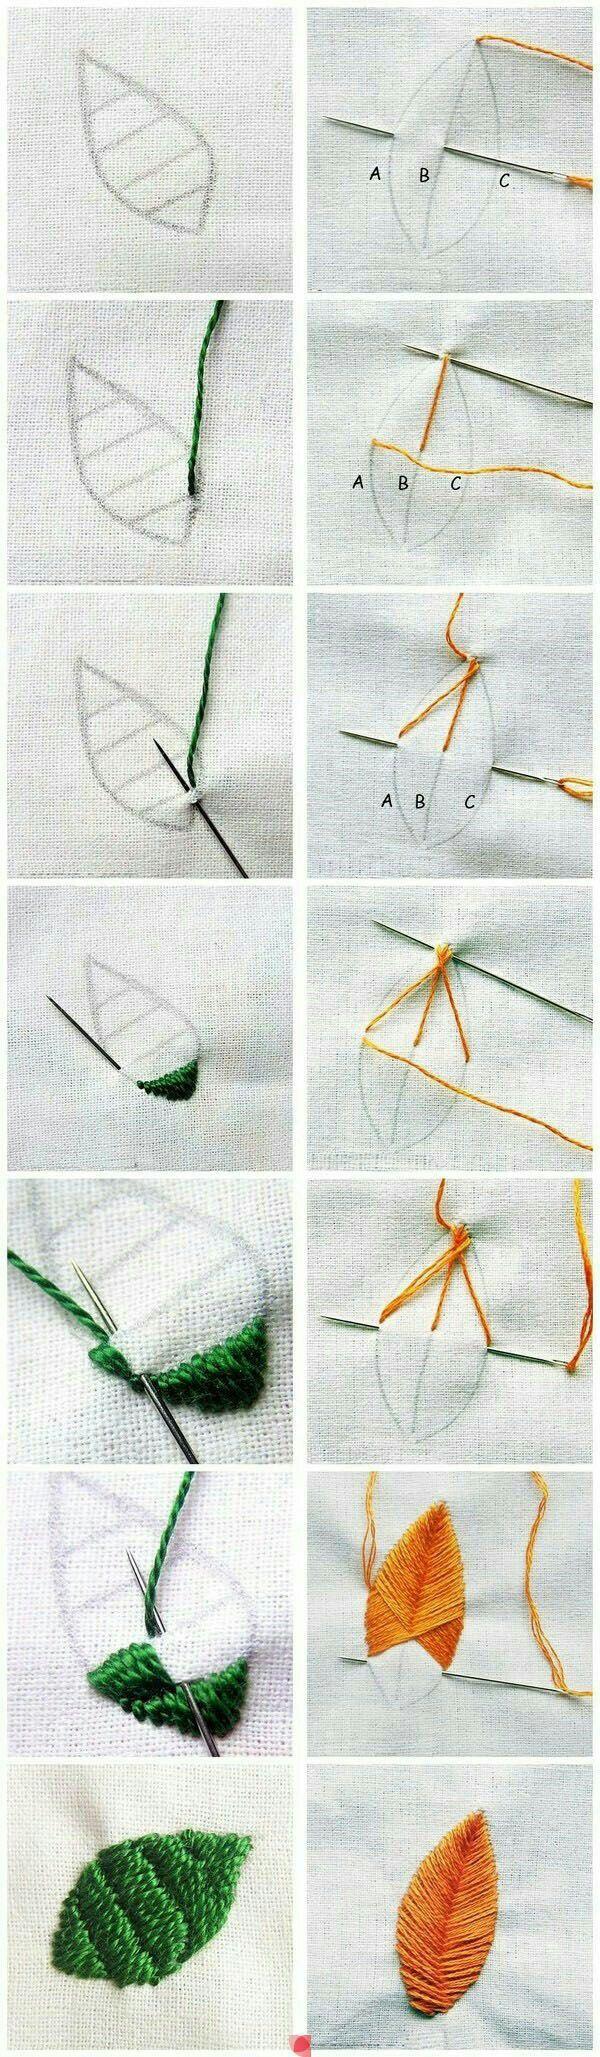 Unique Geststirnband Frei Muster Sketch - Decke Stricken Muster ...